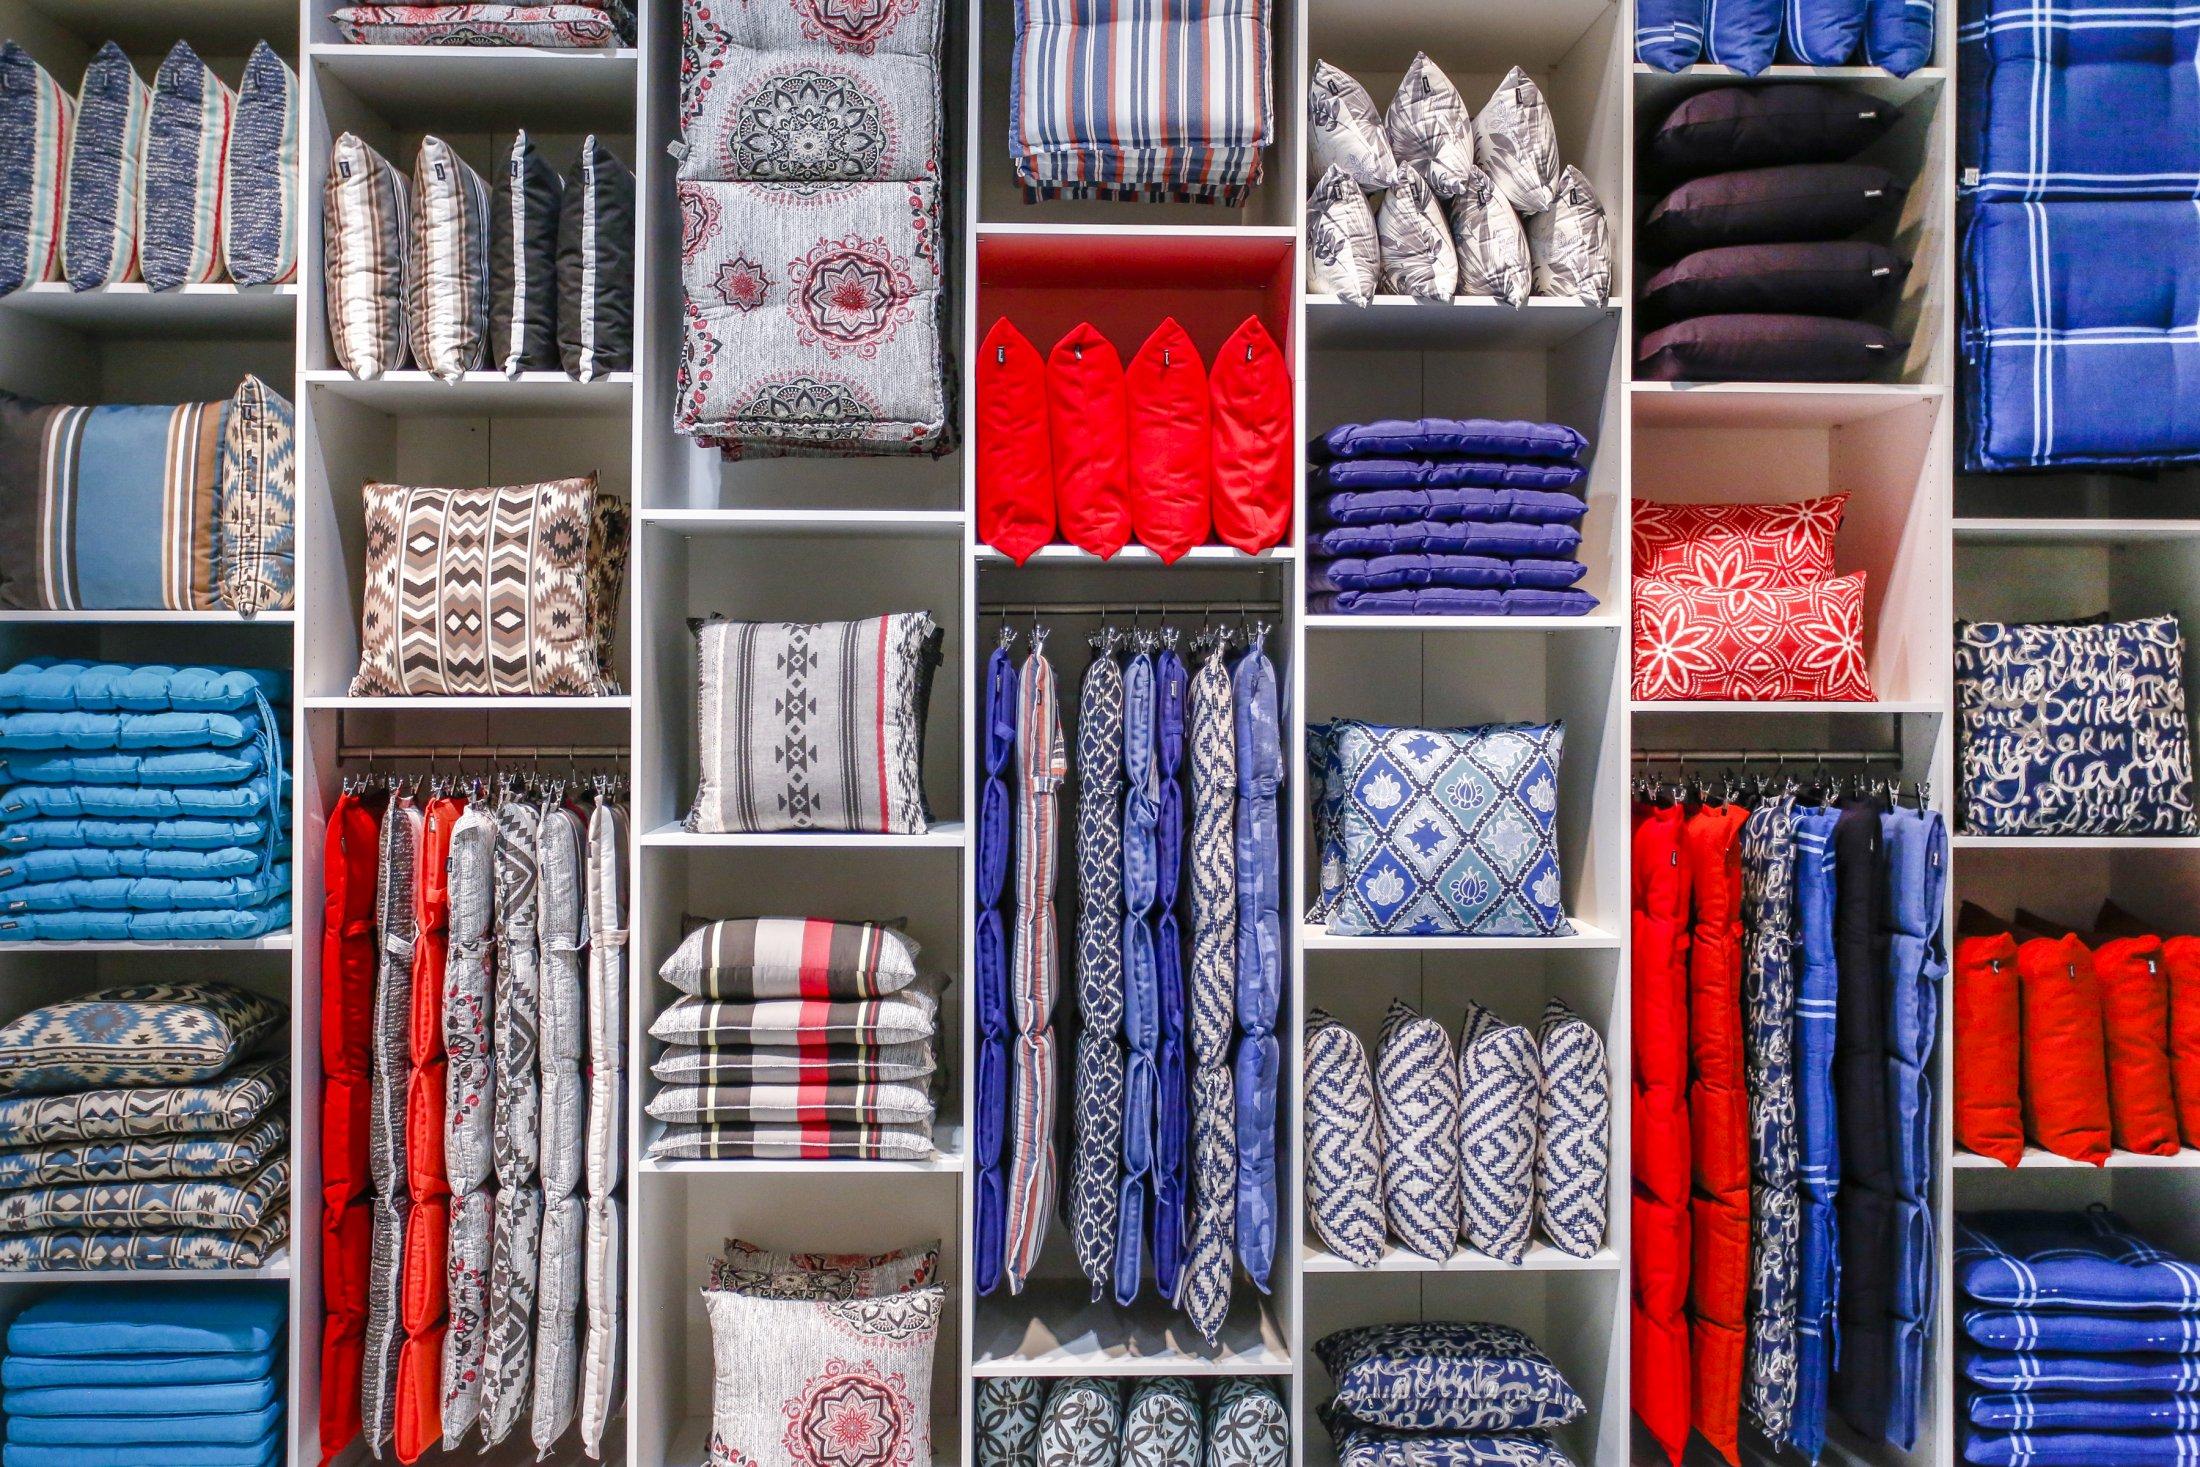 Os padrões geométricos e étnicos nos tecidos vão estar na moda.